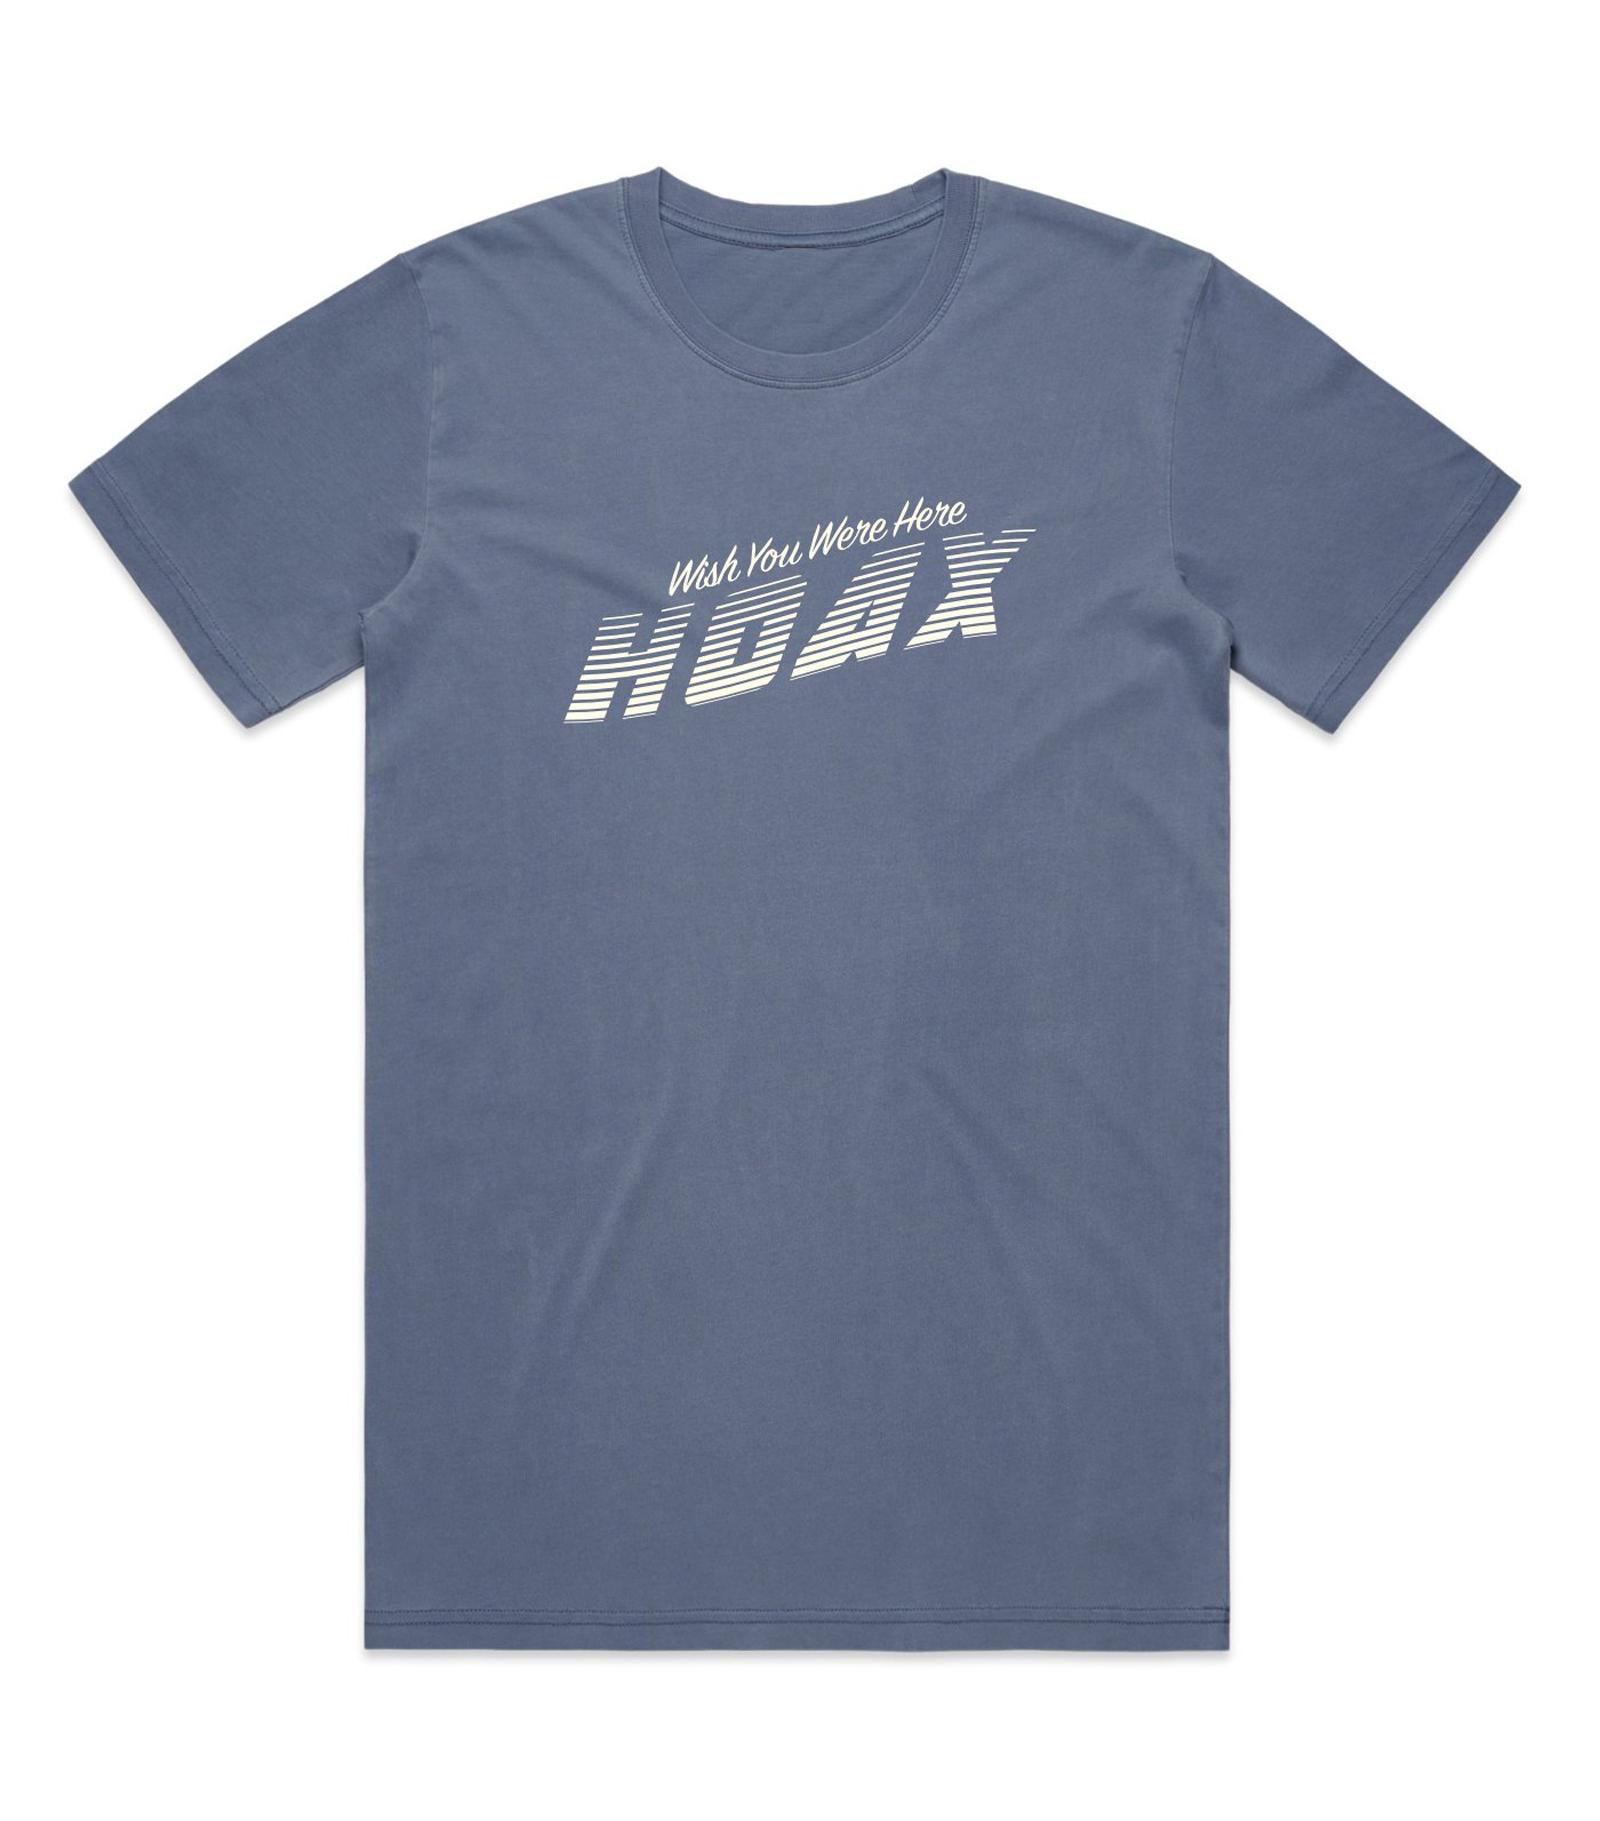 Hoax-Ed-Sheeran-Tshirt-Graphic-Chalmers-james-lee-duffy.jpg